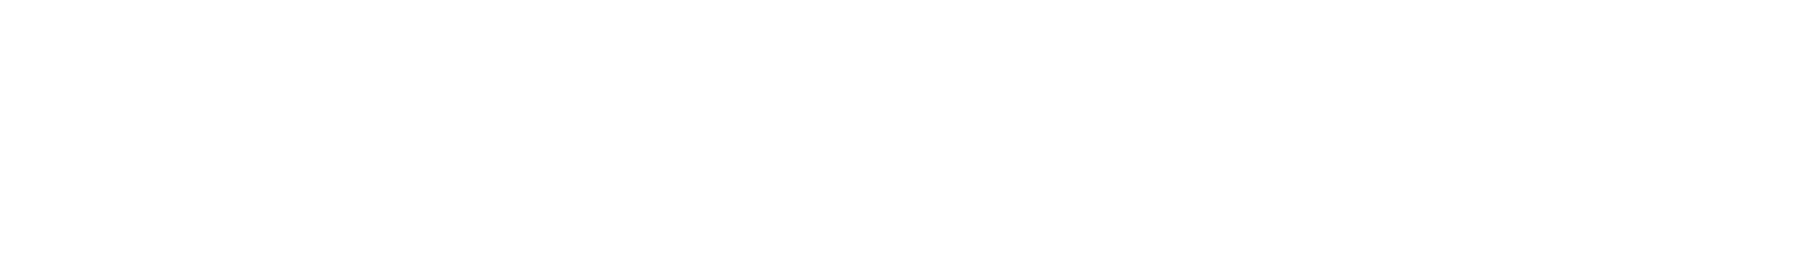 syn17 125